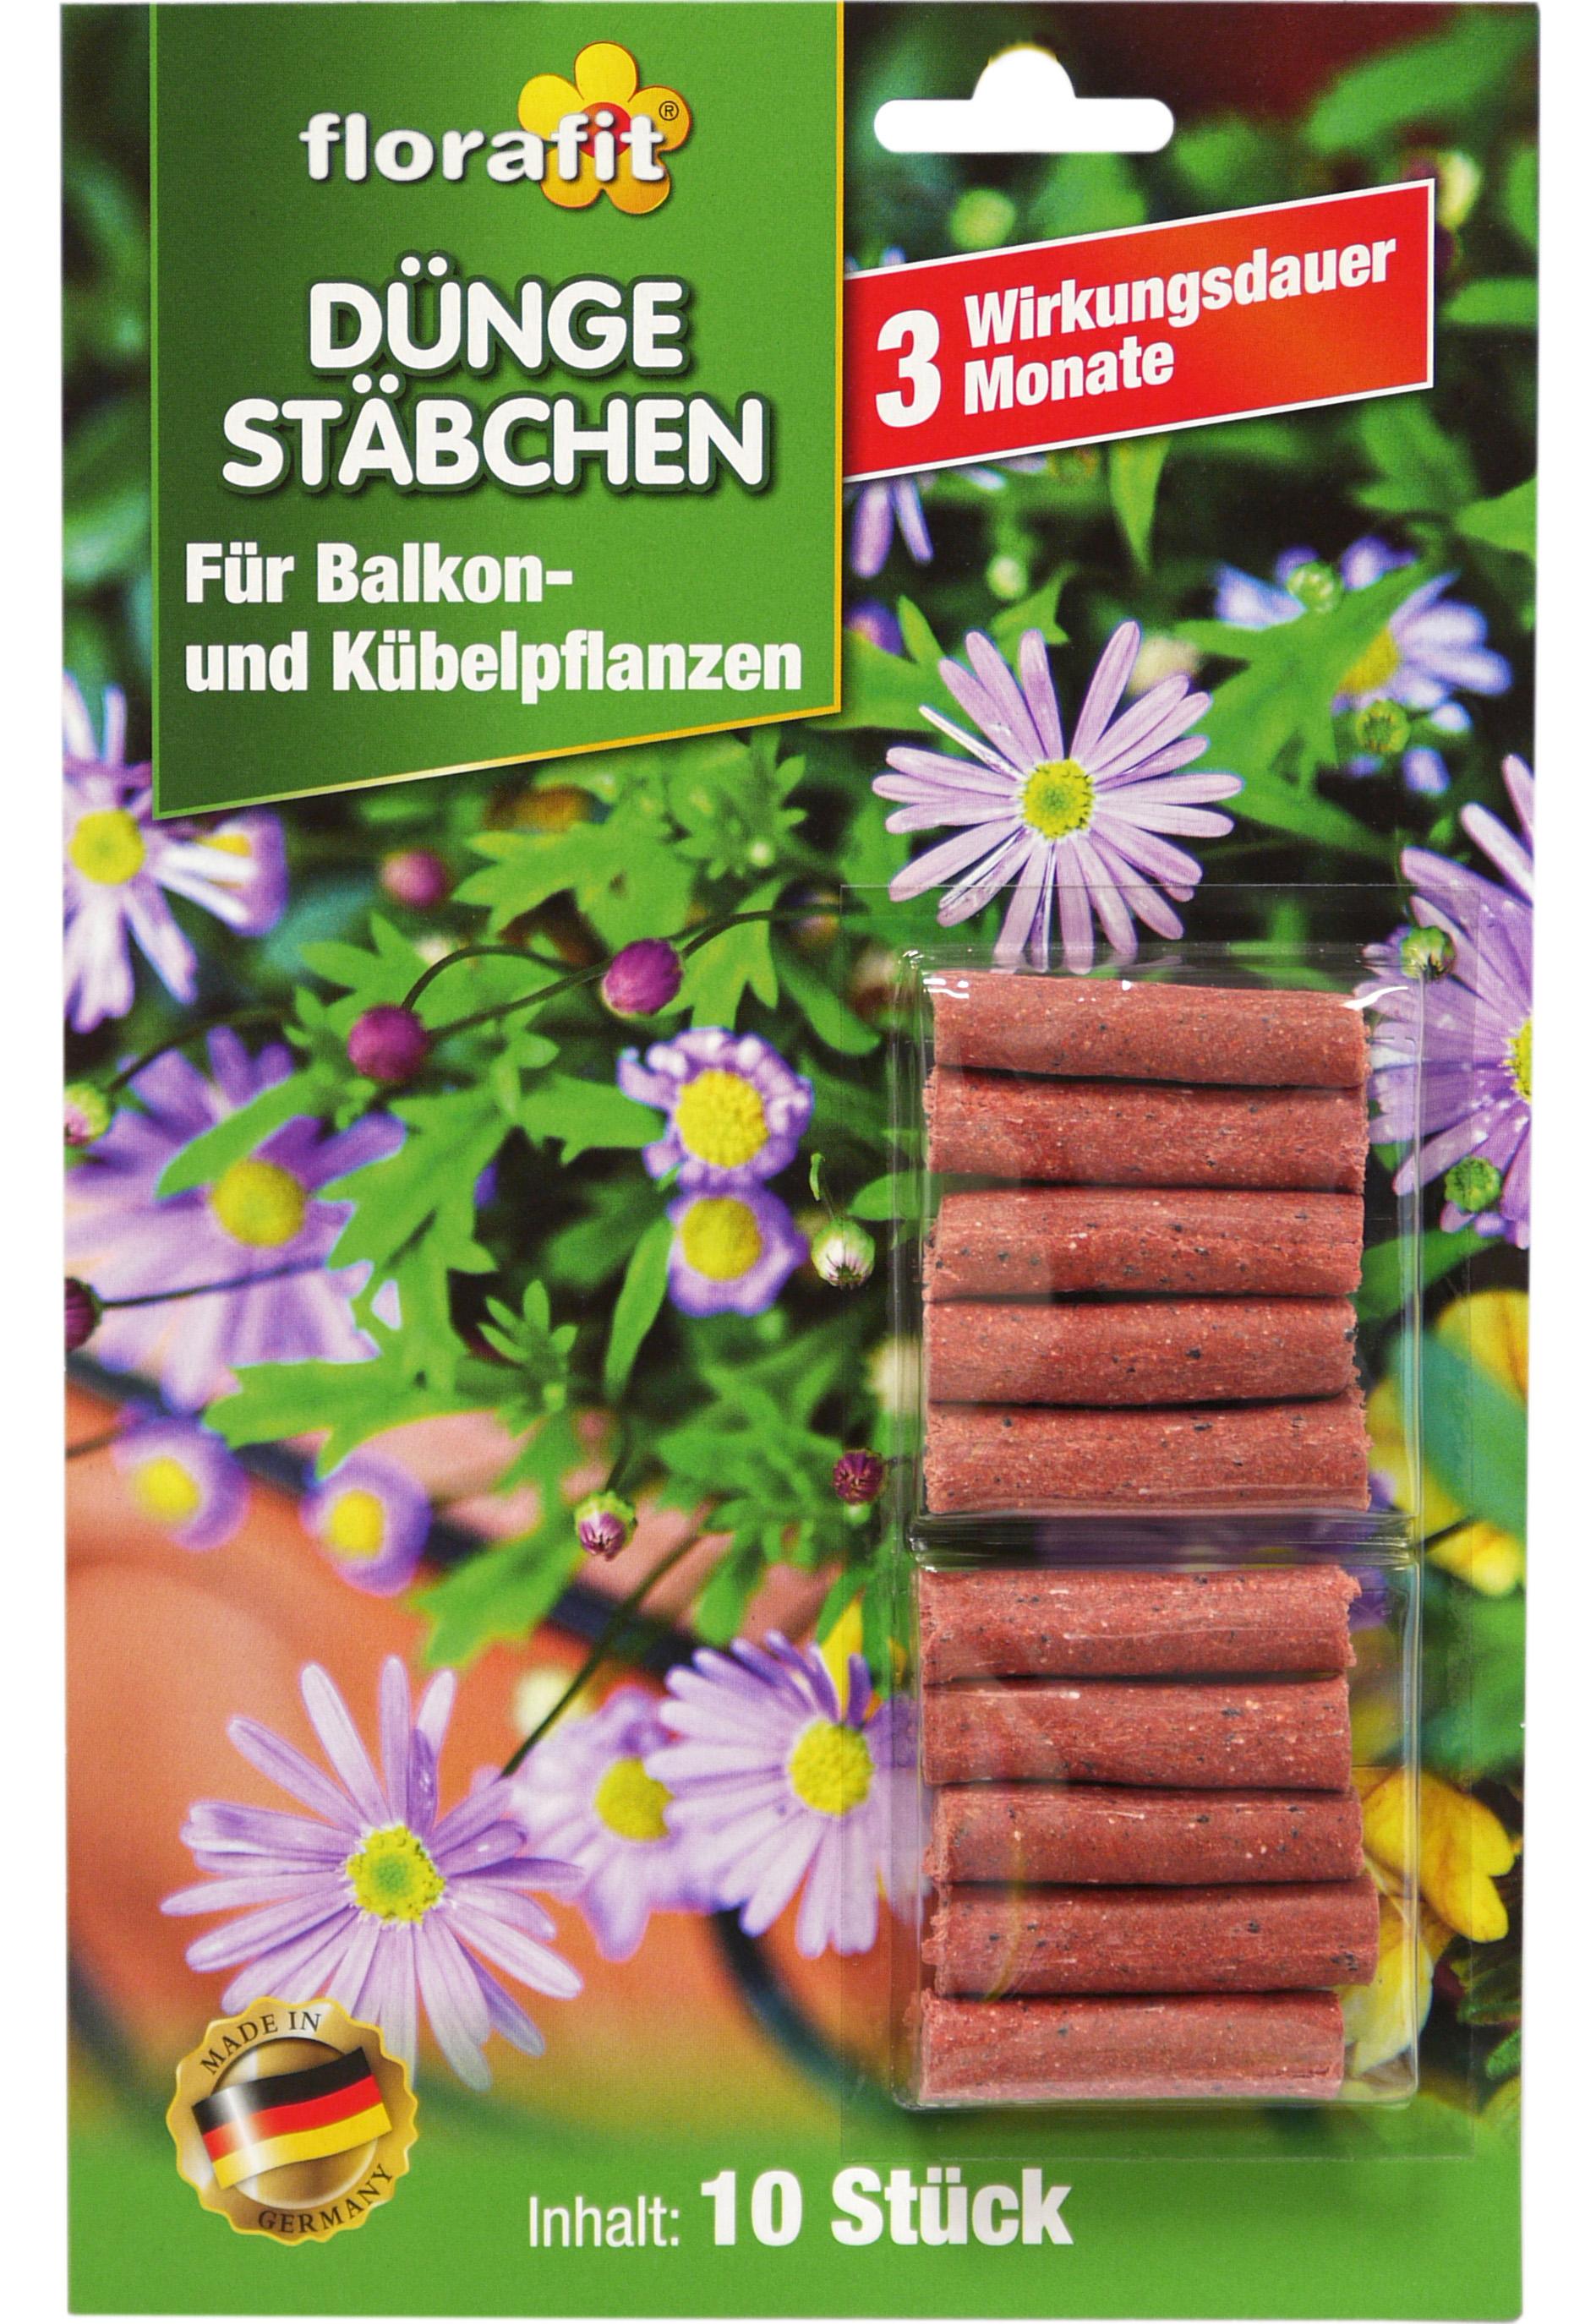 02240 - florafit Düngestäbchen für Balkon- und Kübelpflanzen 10er